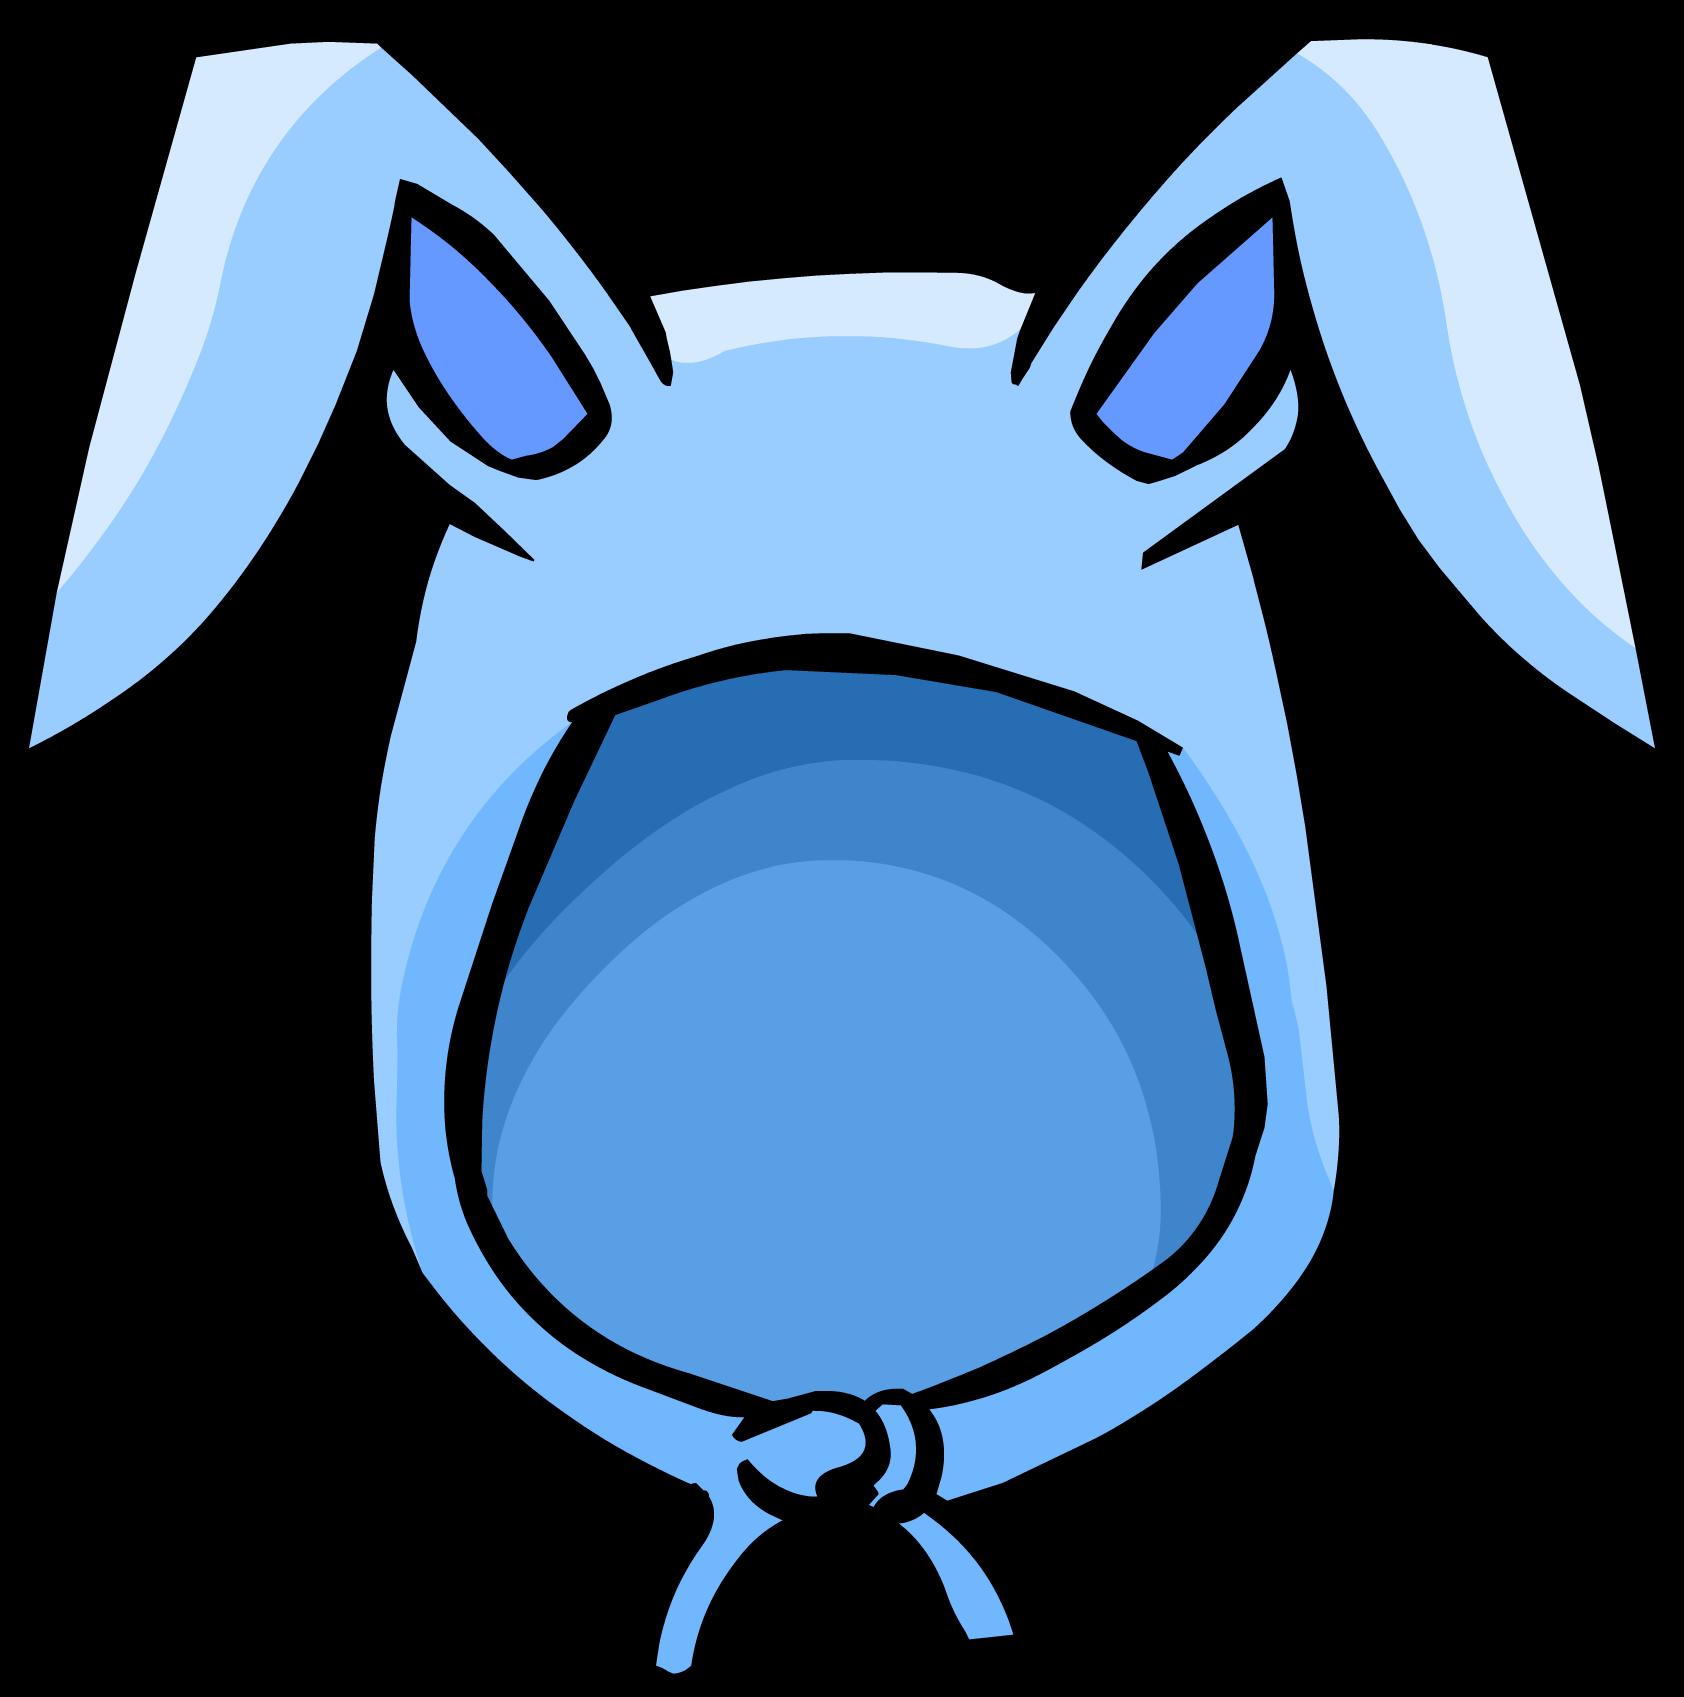 Category:Bunny Ears